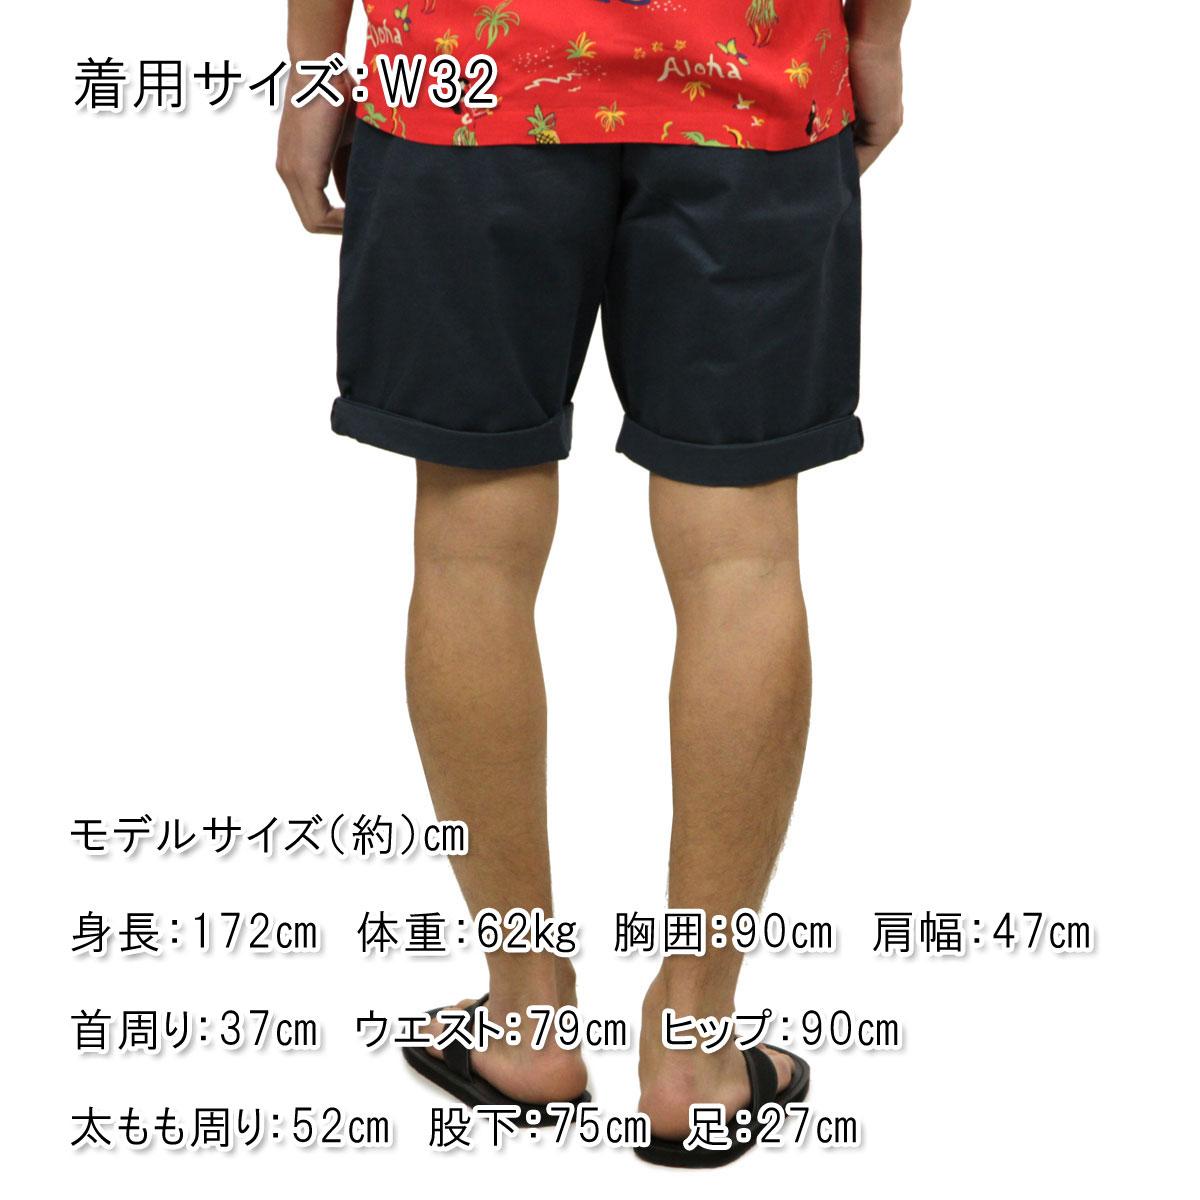 スコッチアンドソーダ SCOTCH&SODA 正規販売店 メンズ チノ ハーフパンツ CLASSIC CHINO SHORT PANTS 148906 0562 STEEL A39B B1C C2D D4E E06F